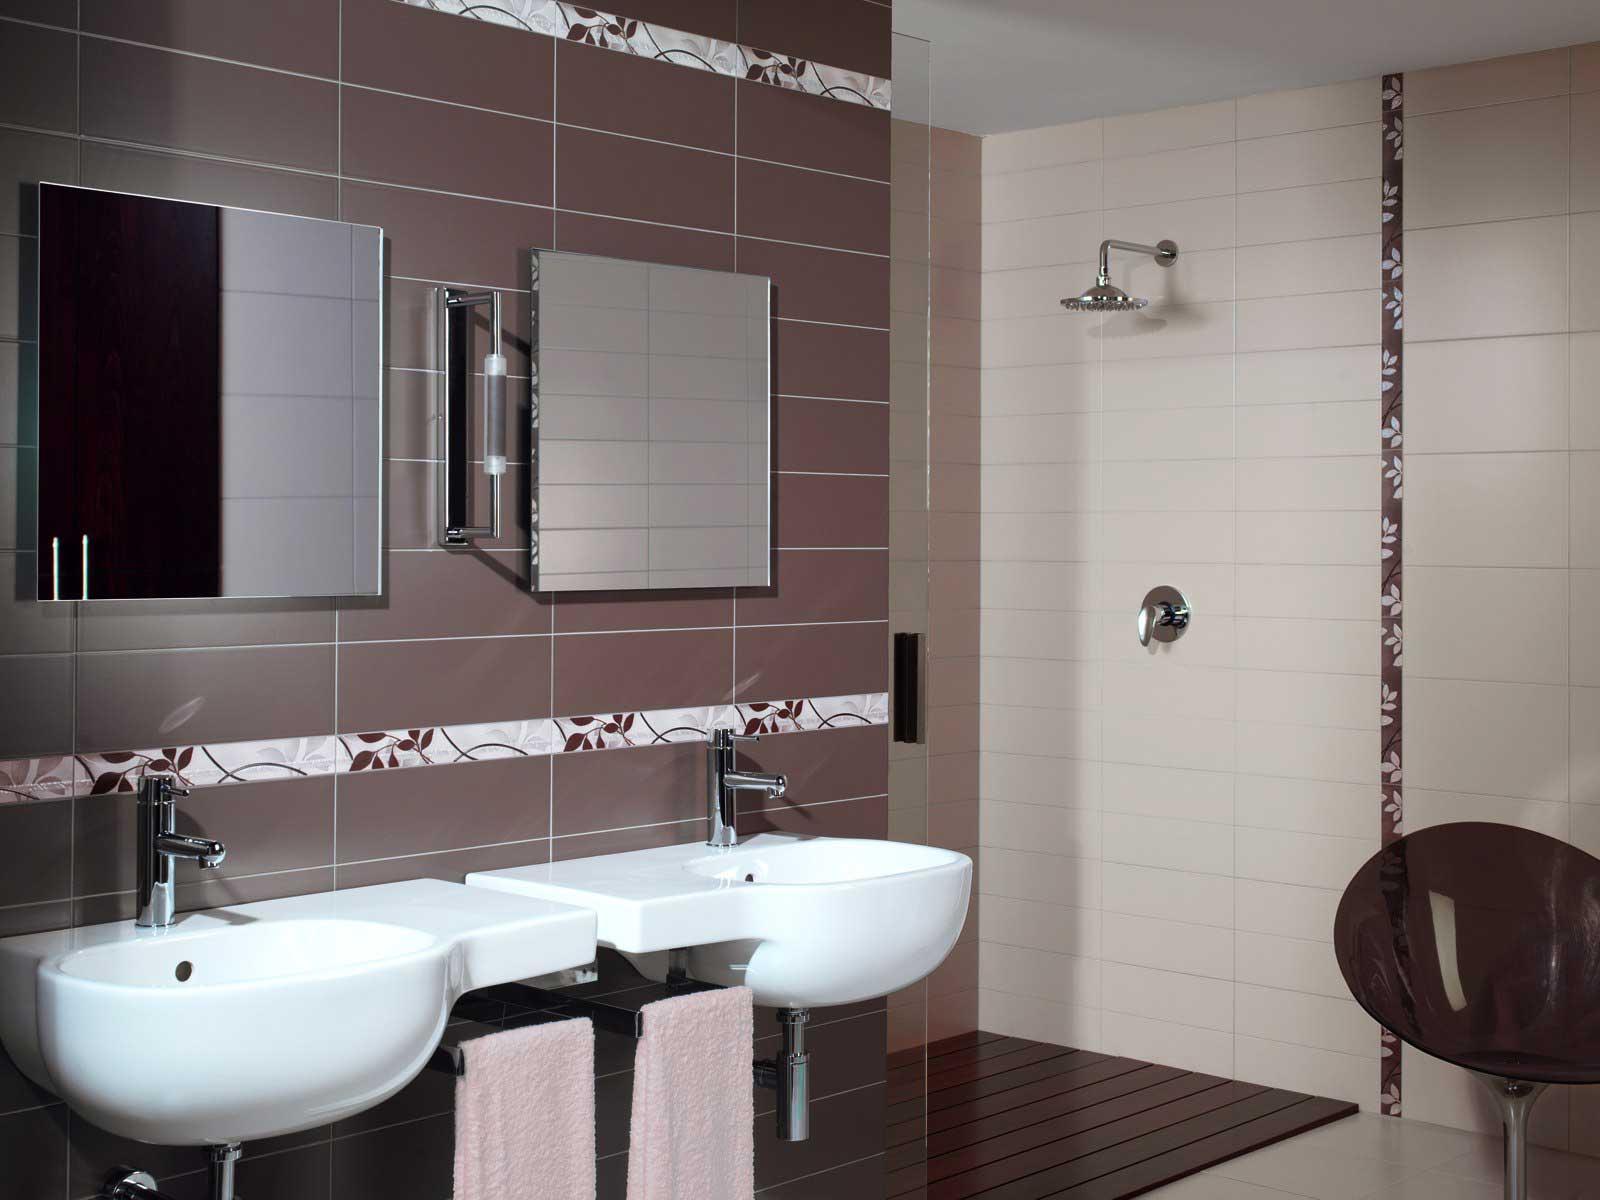 Minimal rivestimento effetto mosaico marazzi - Piastrelle mosaico bagno marazzi ...